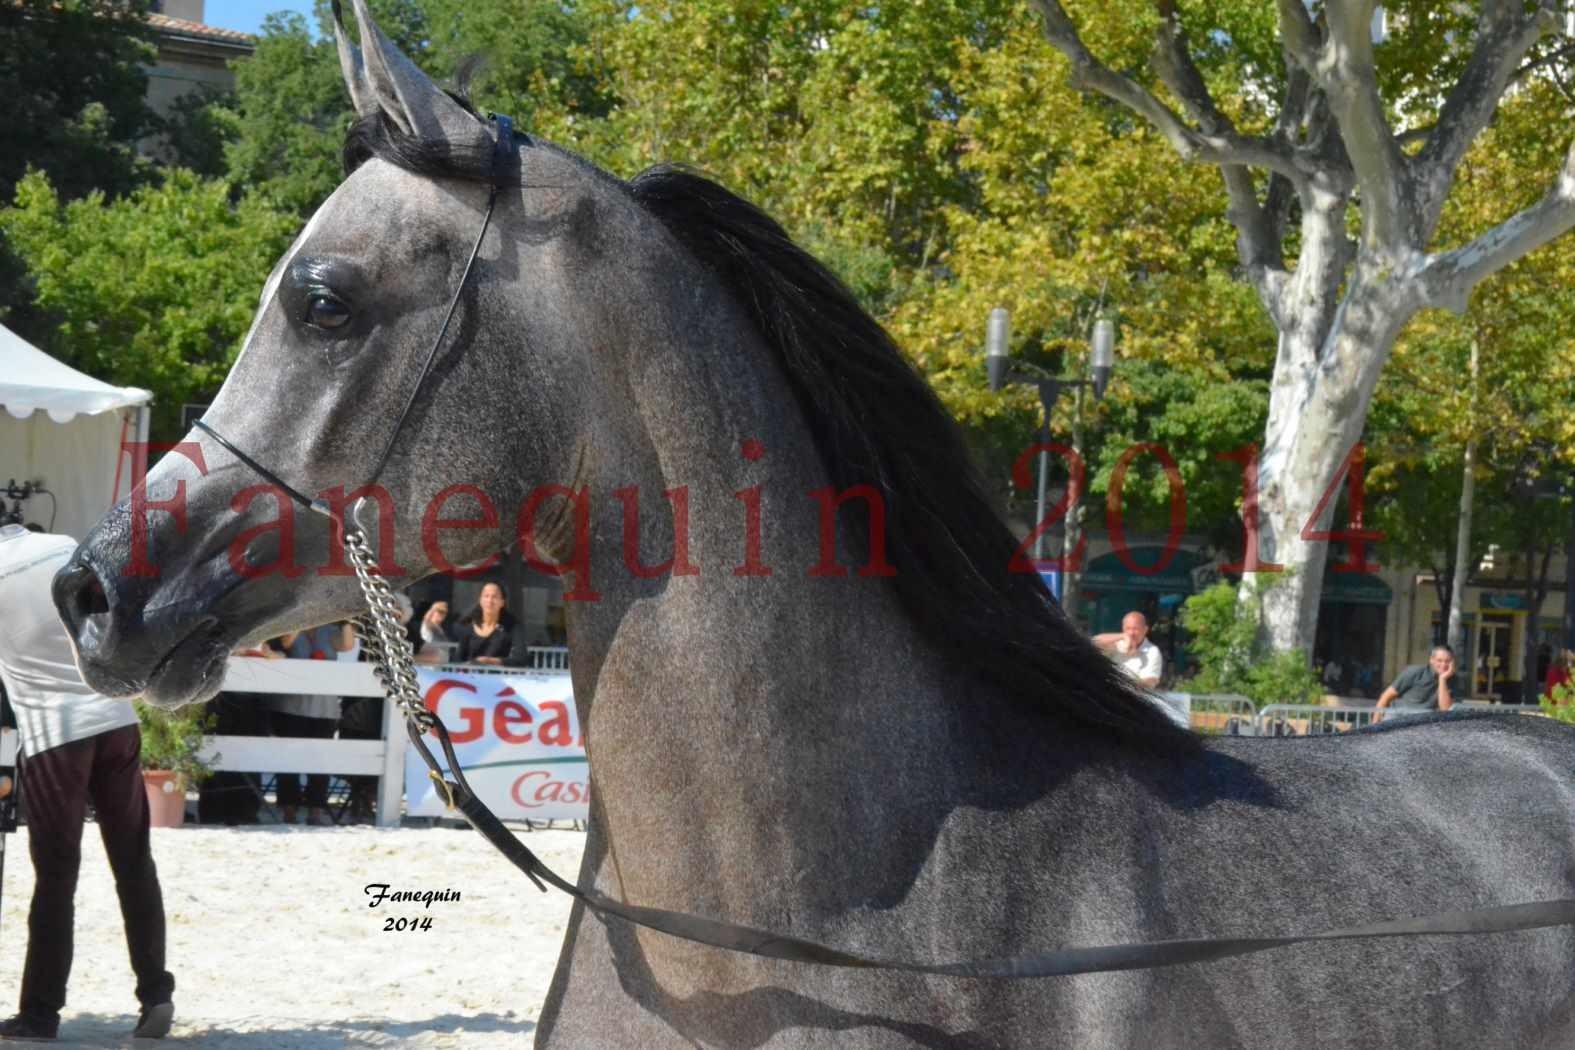 Concours National de Nîmes de chevaux ARABES 2014 - Notre Sélection - Portraits - JOSEPH'S BOUZIOLS - 10